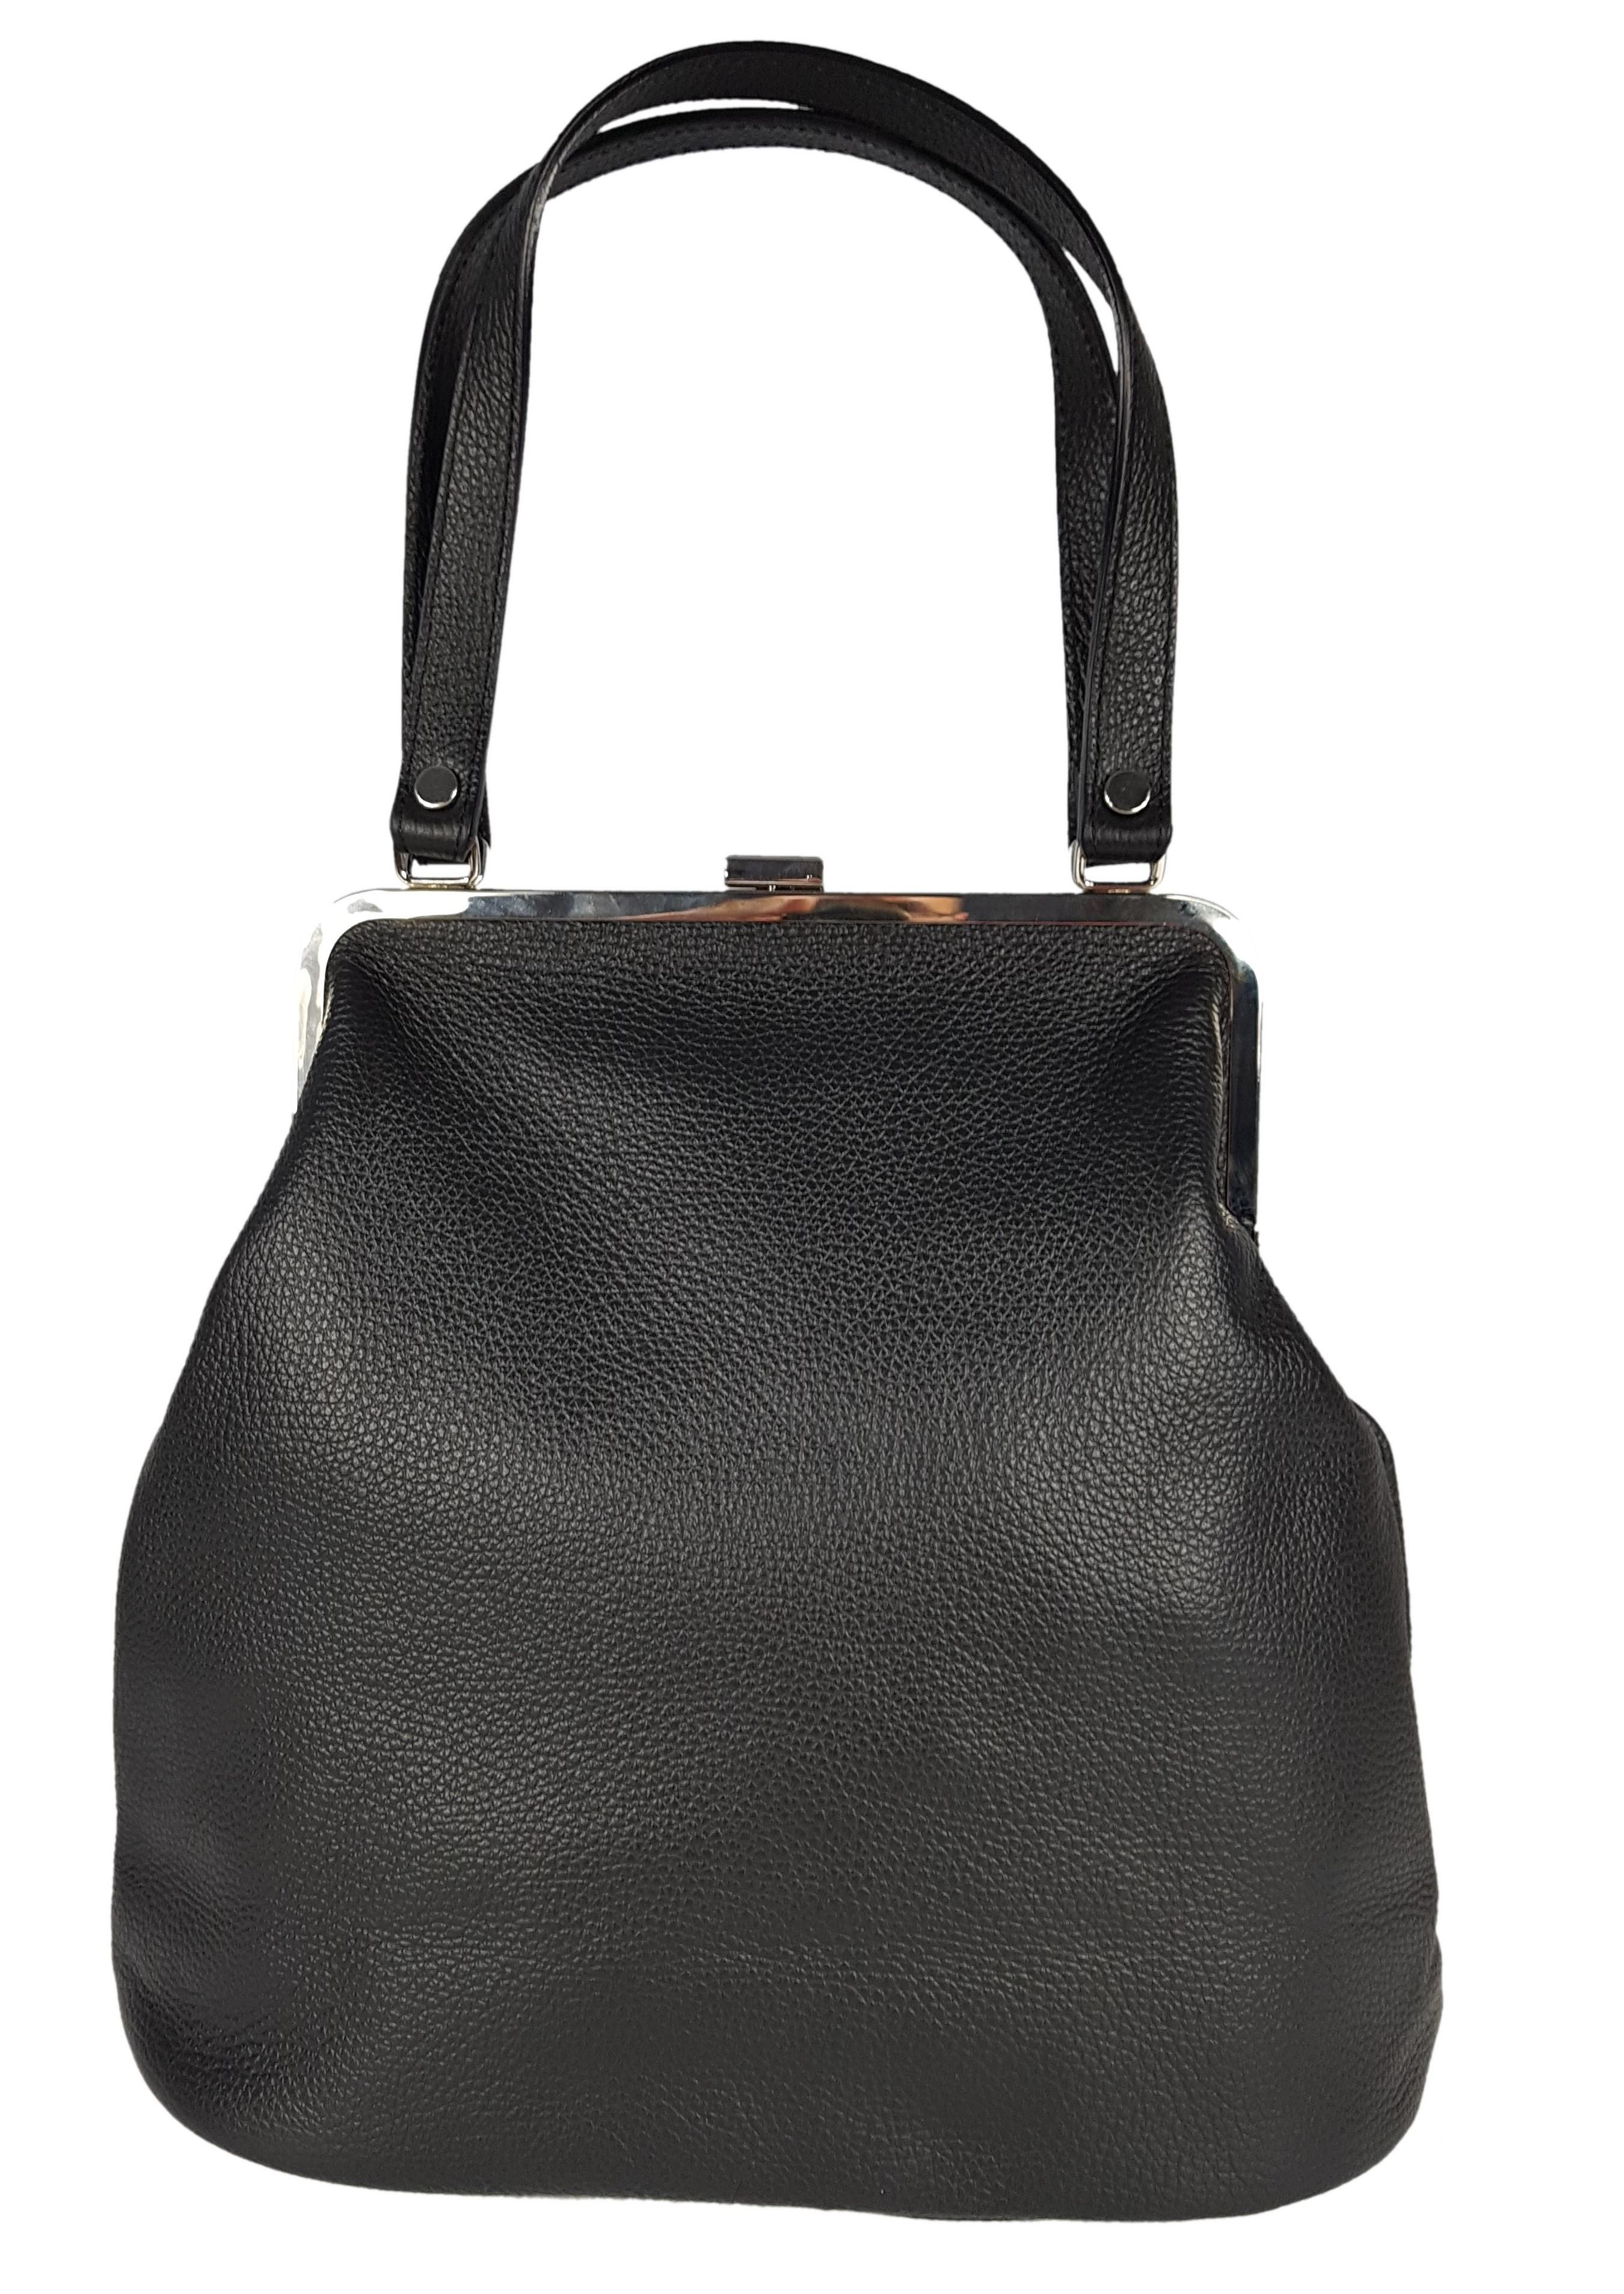 Damska torebka skórzana retro czarna